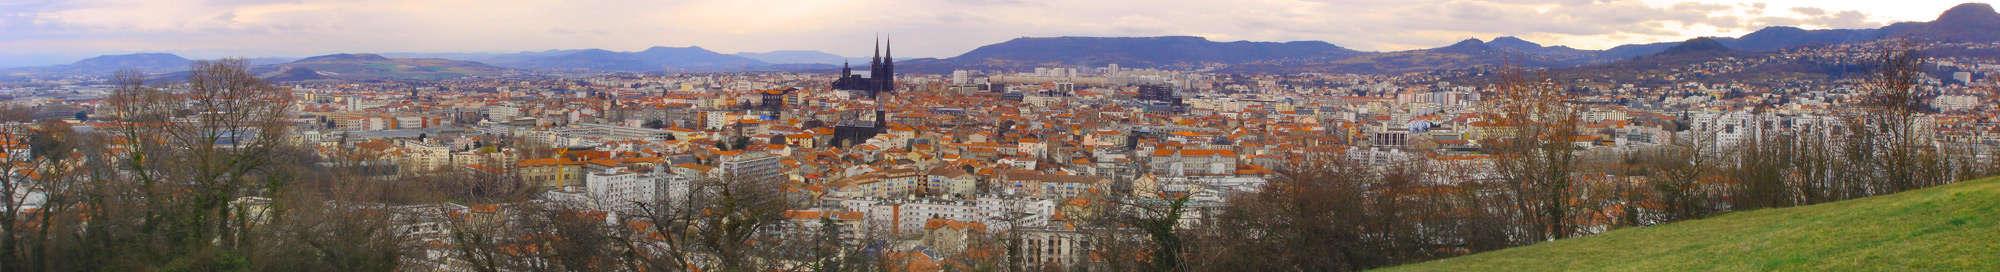 Week-end et séjour à Clermont Ferrand